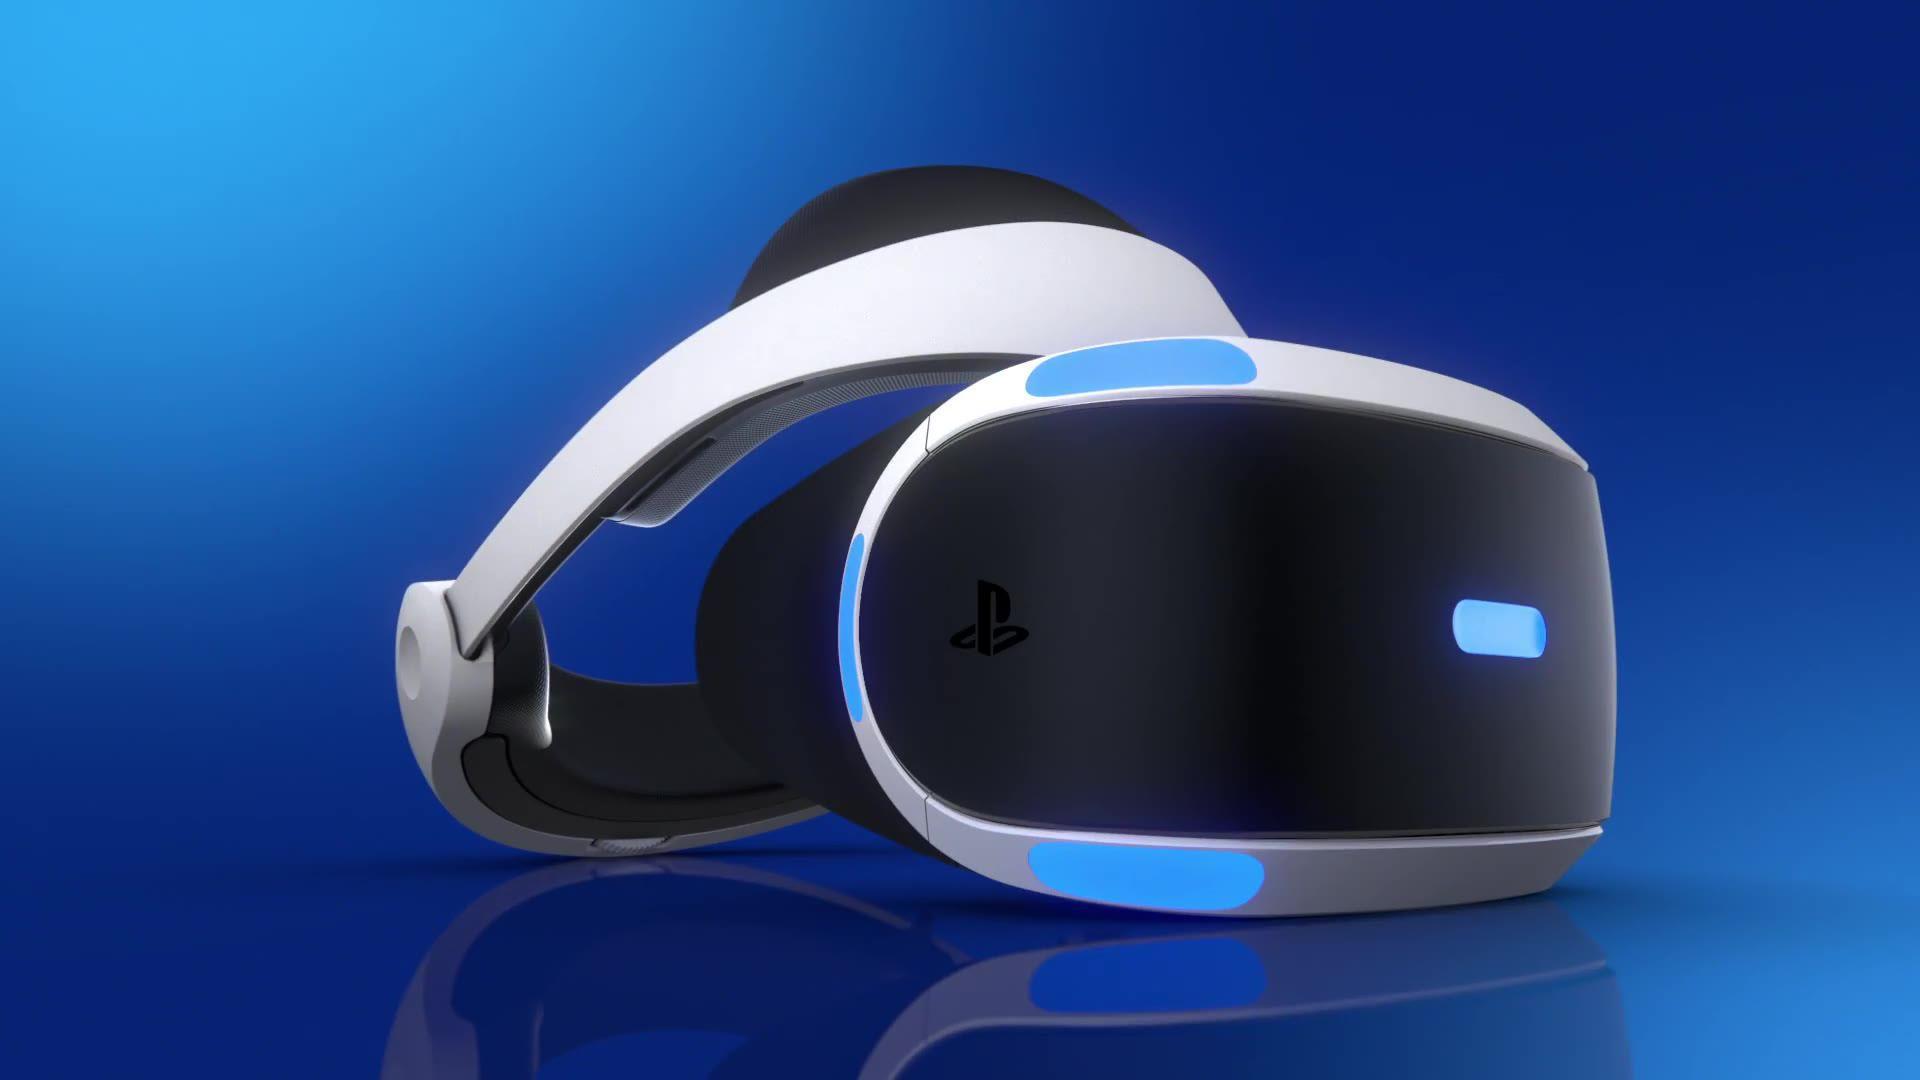 Sony confirma las especificaciones de PS5, no hay sorpresas 33